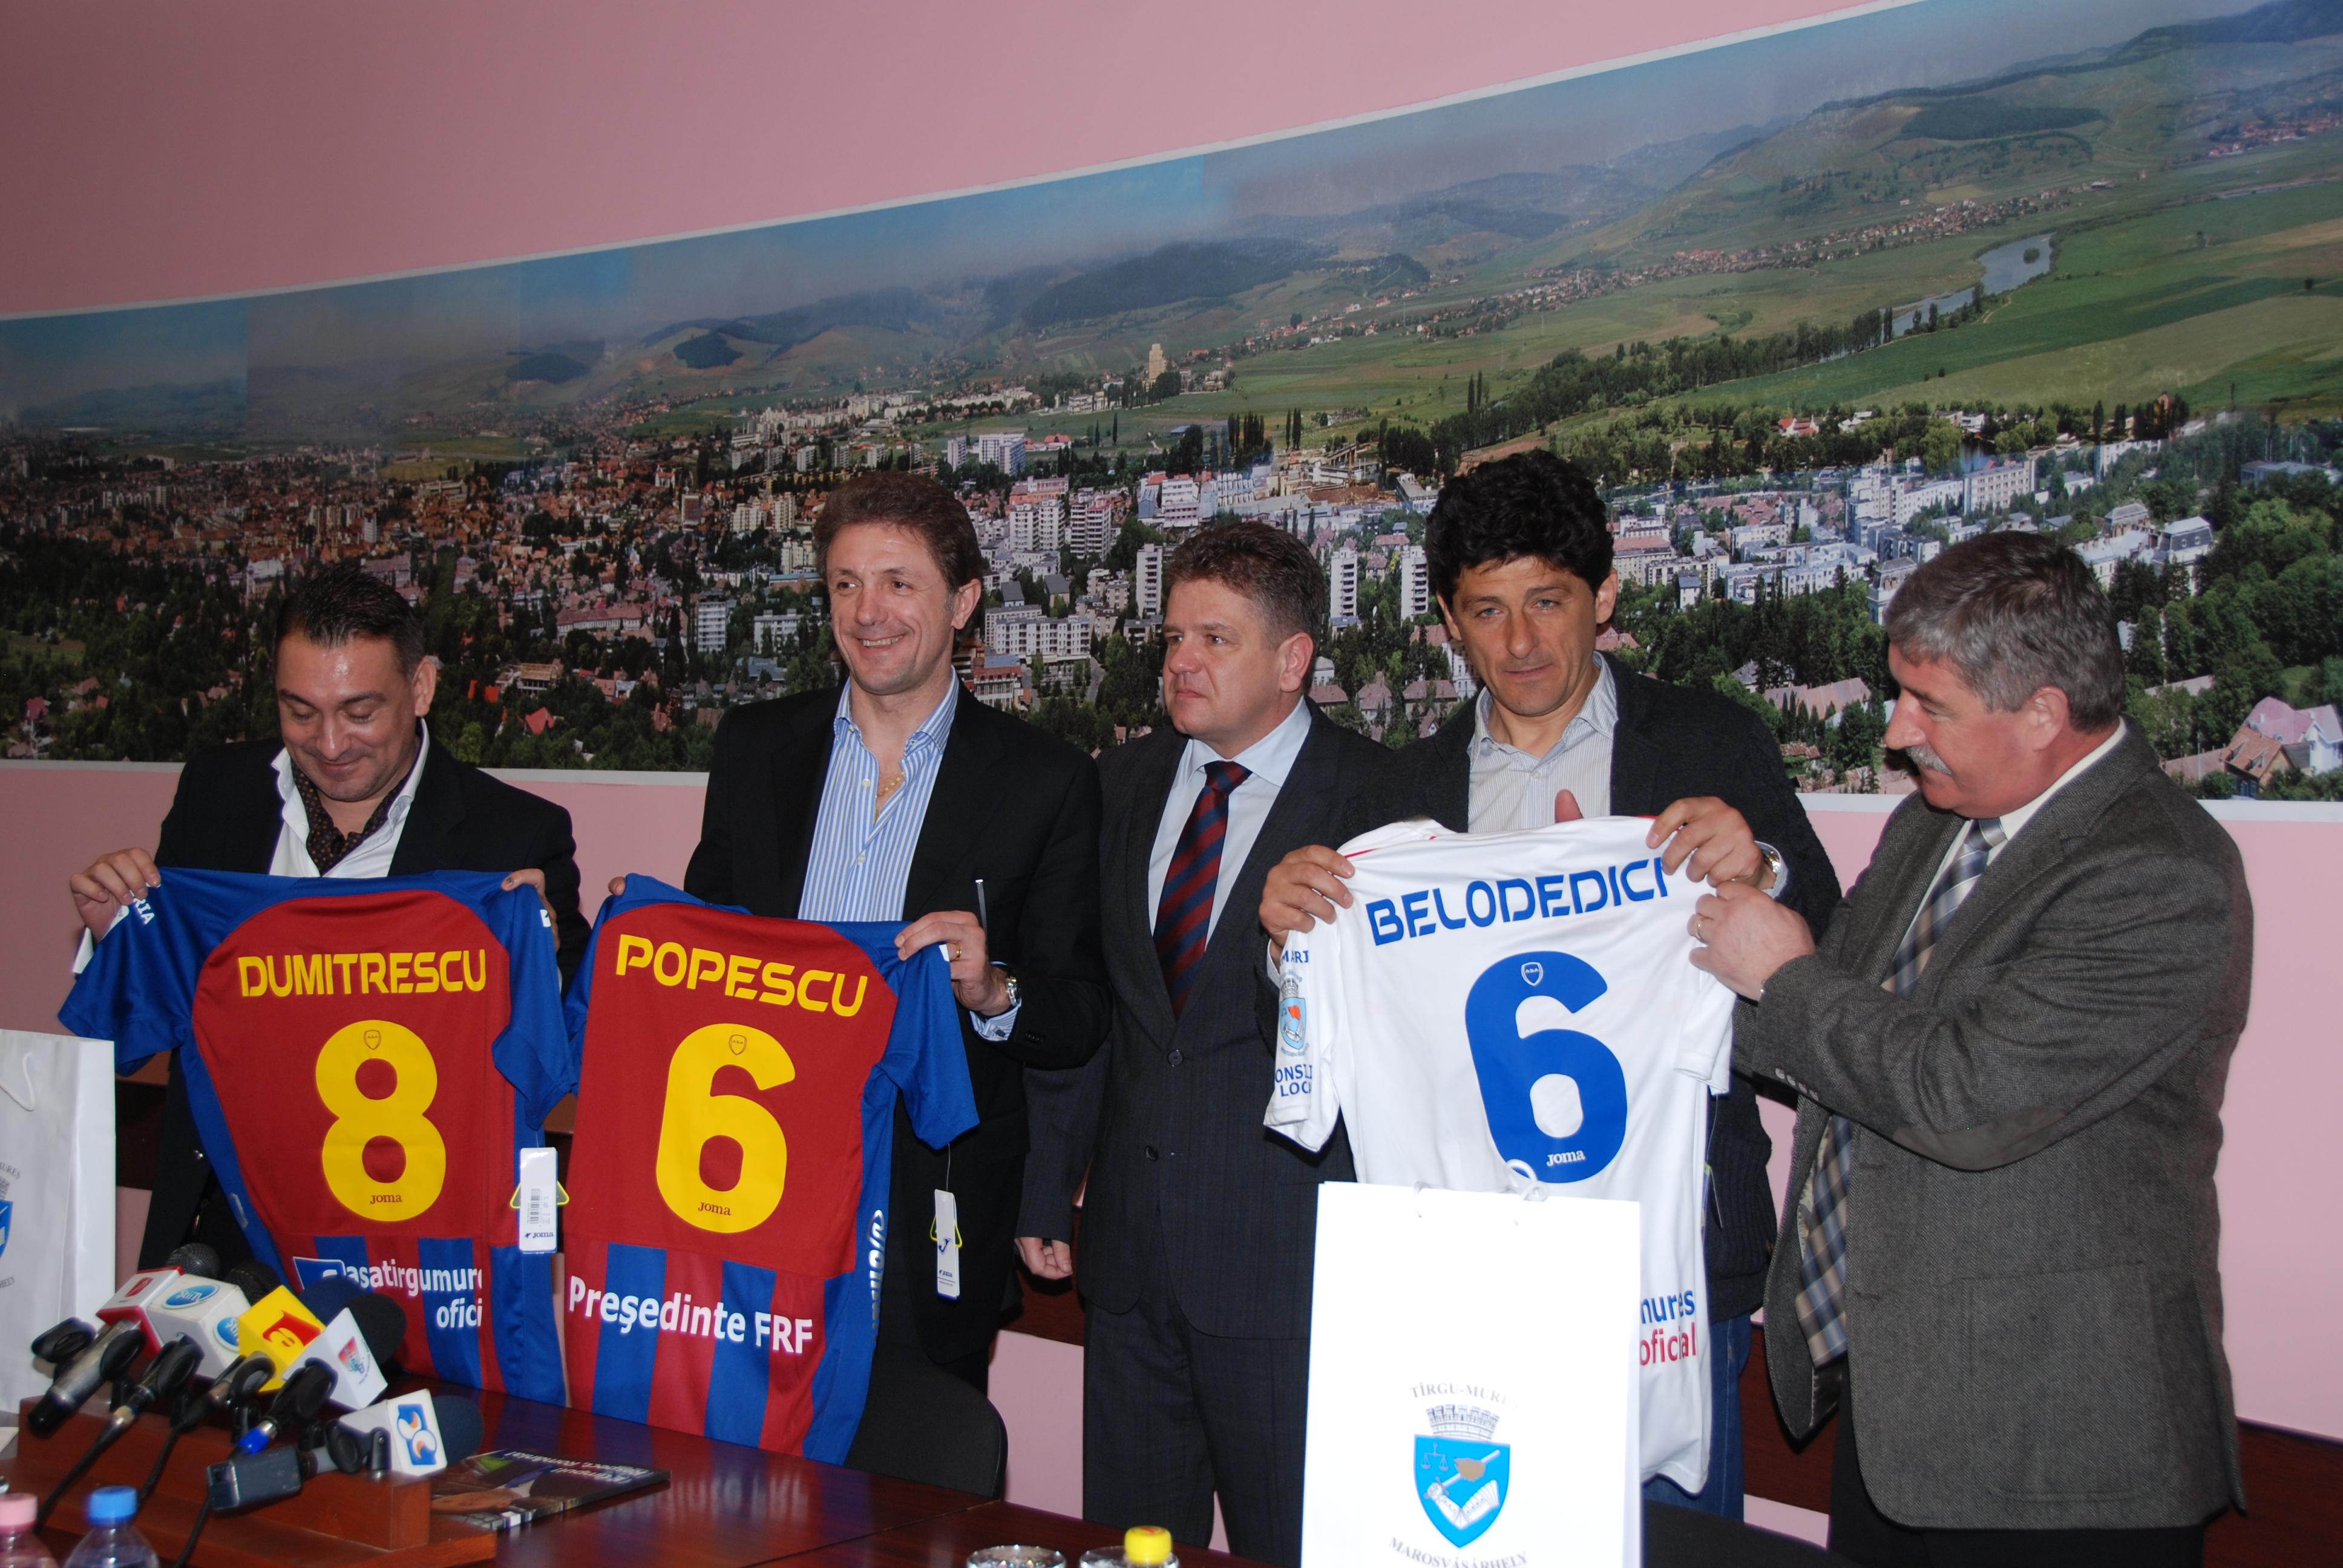 Gică Popescu şi-a prezentat la Tg. Mureş obiectivele pentru şefia FRF